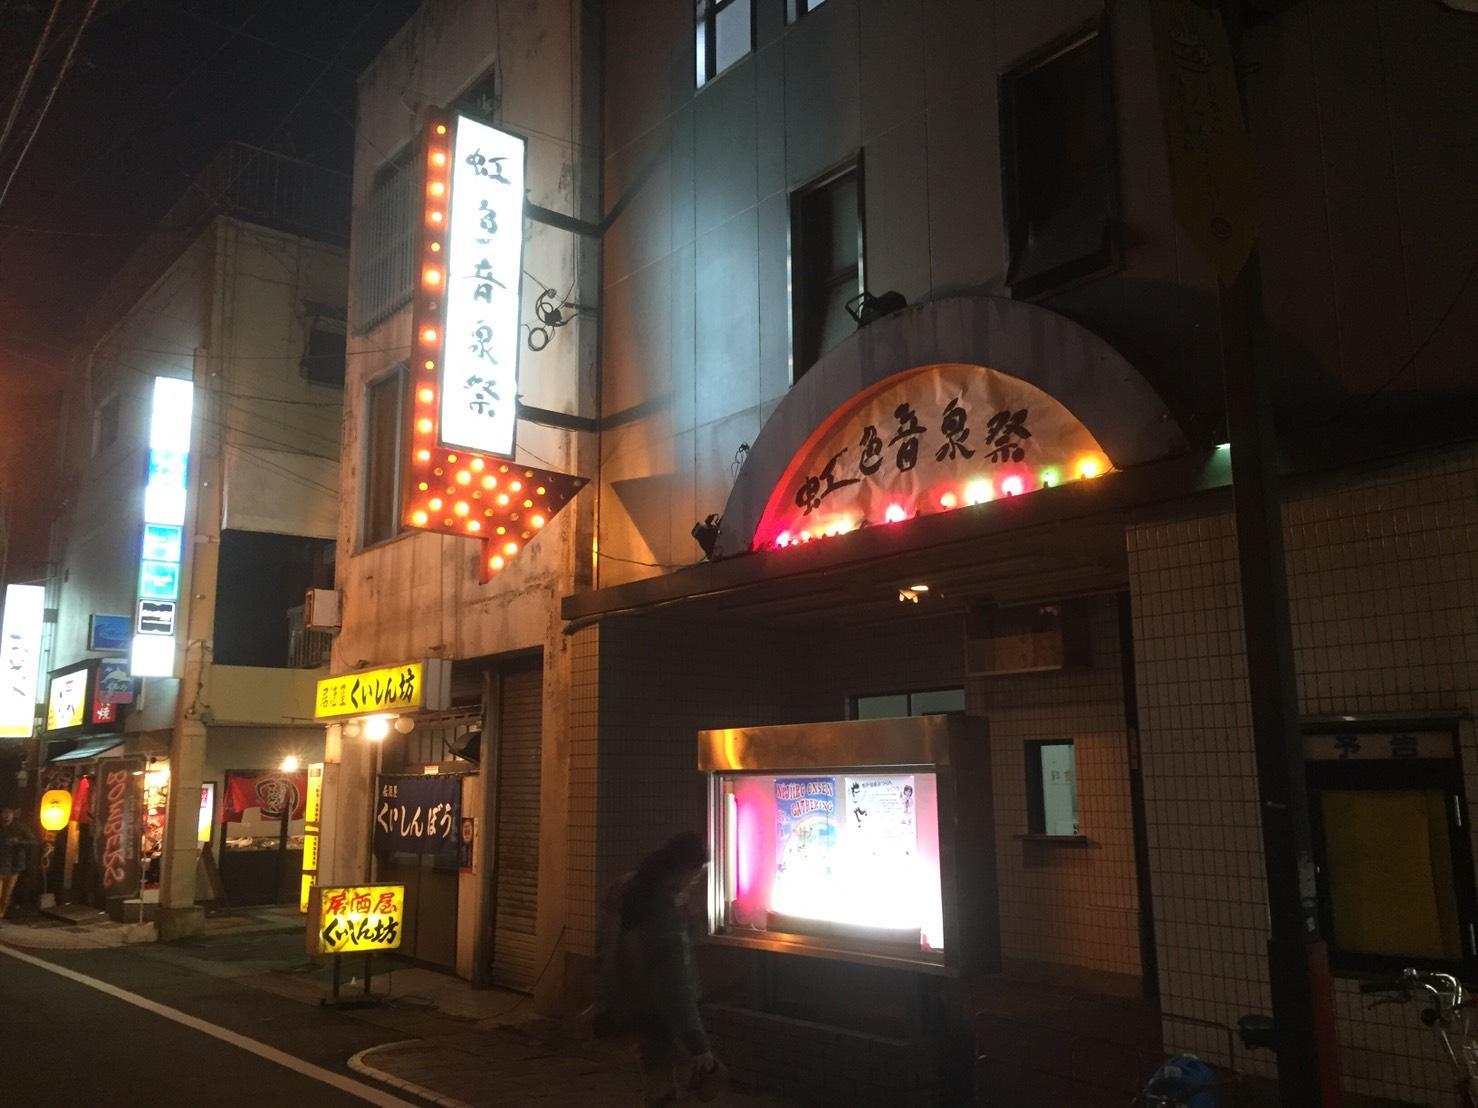 昭和の夜の街にタイムスリップ